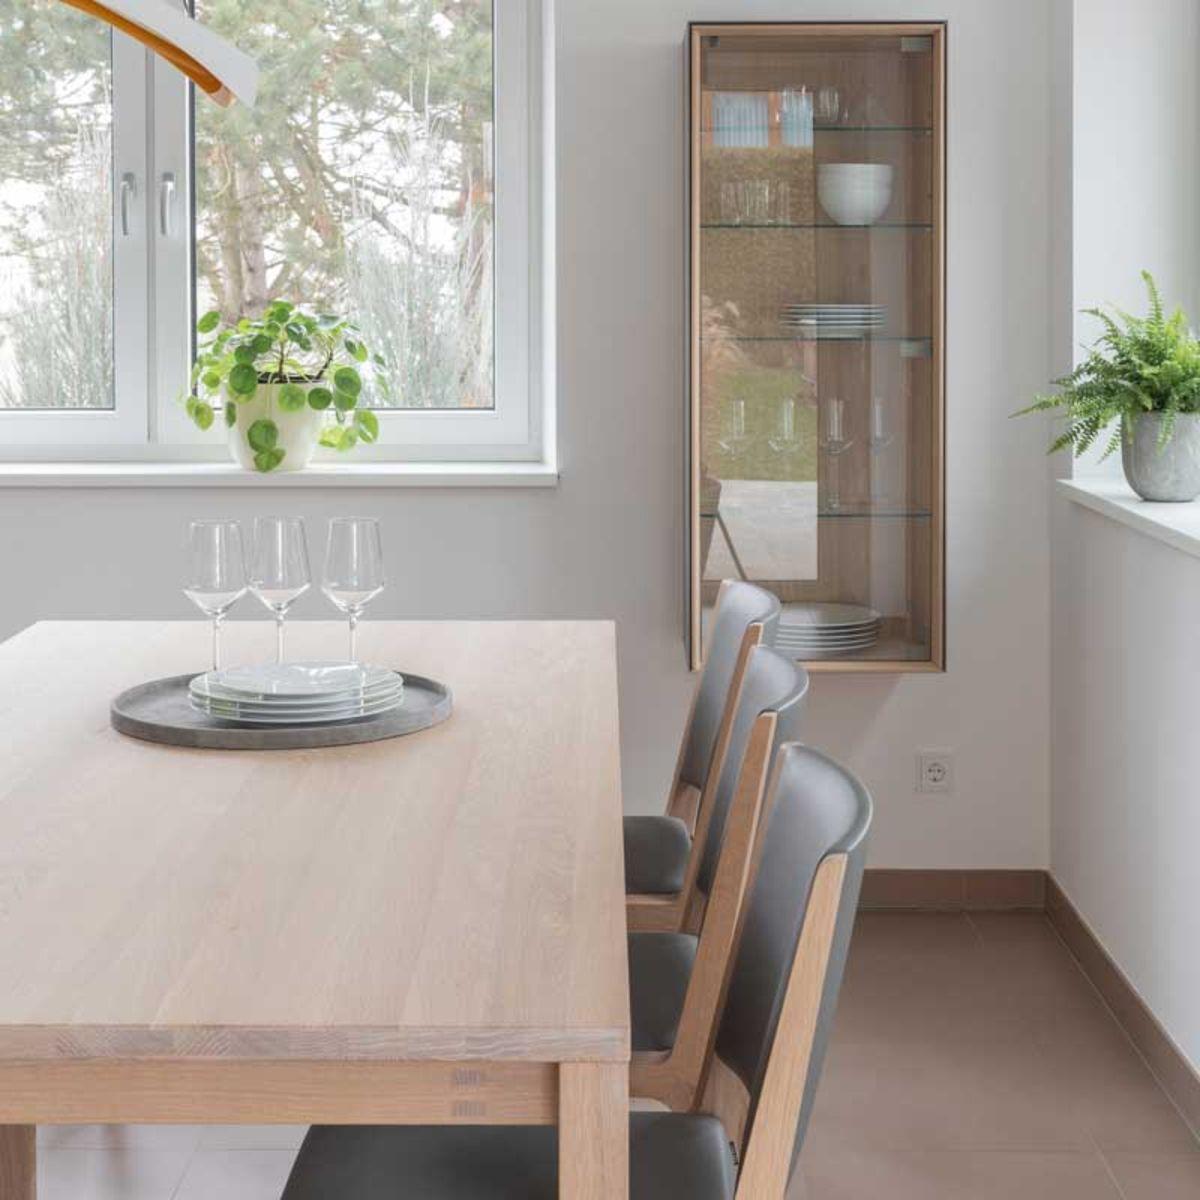 magnum Tisch mit eviva Stühlen in Eiche Weißöl von TEAM 7 Stuttgart